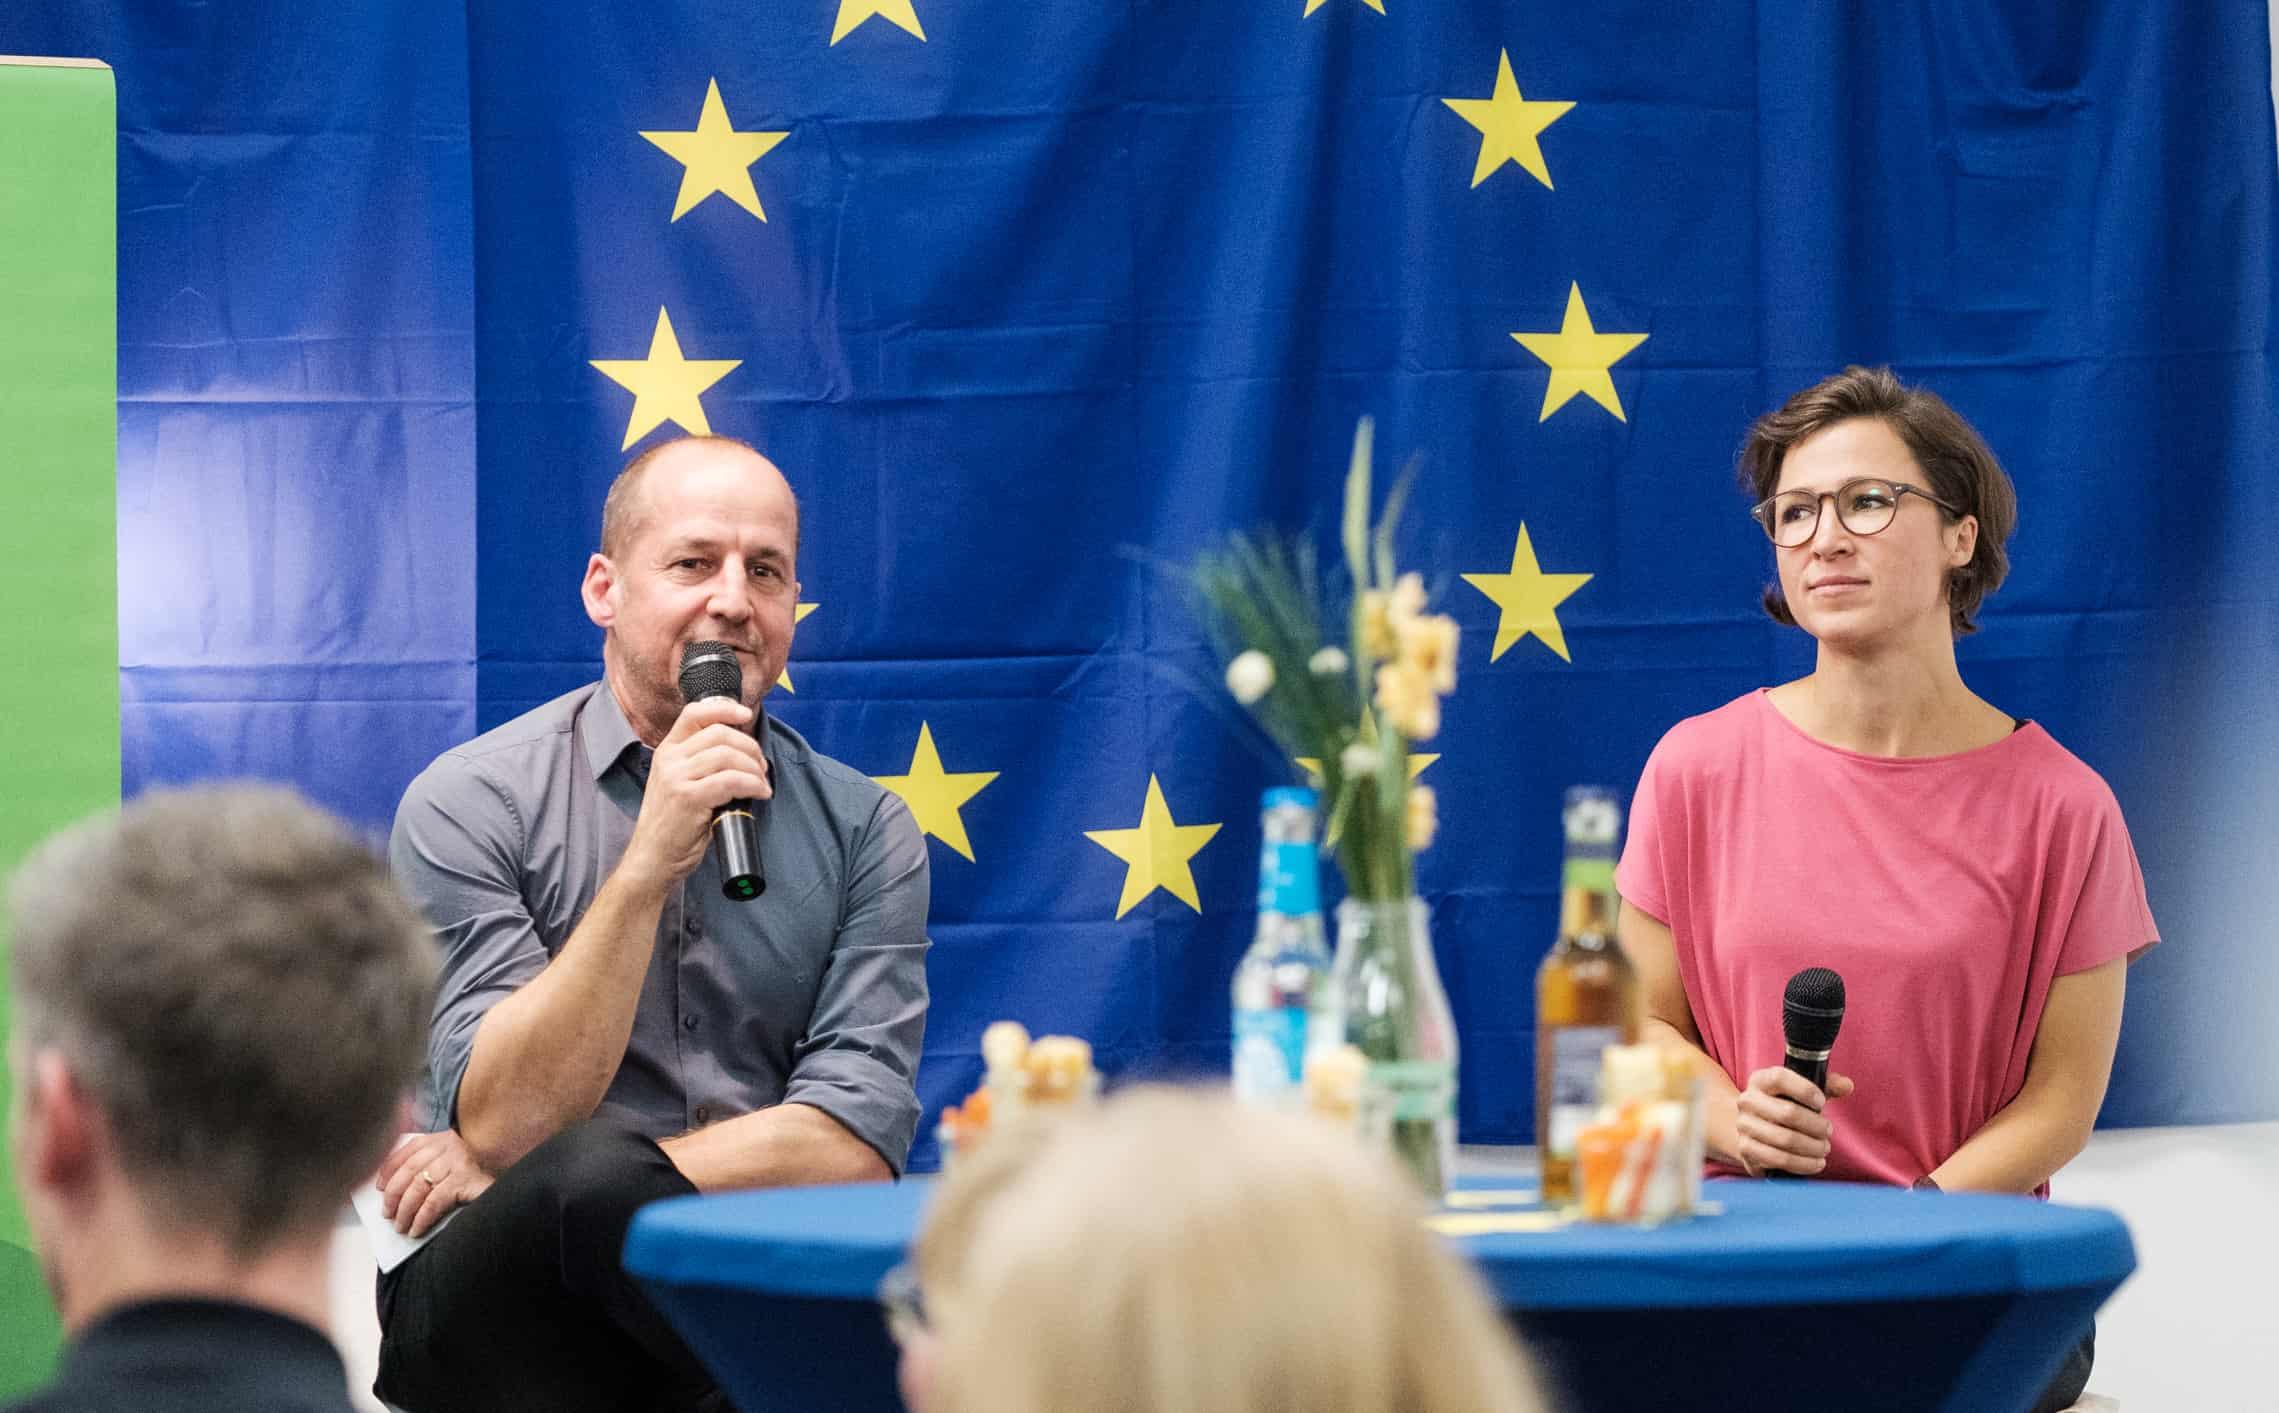 Gemeinsam mit Peter Funk spannen das Publikum und ich Visionen für Europa.